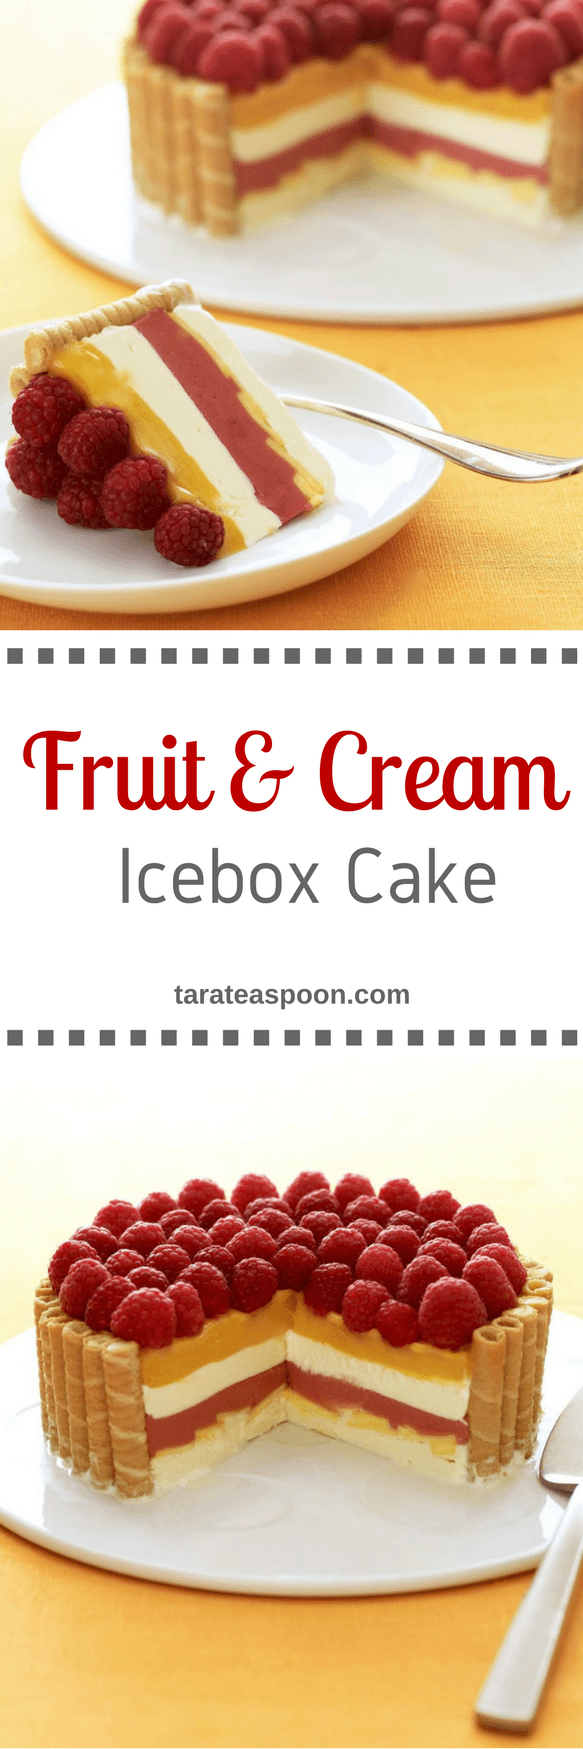 Tara Teaspoon Fruit and Cream Icebox Cake